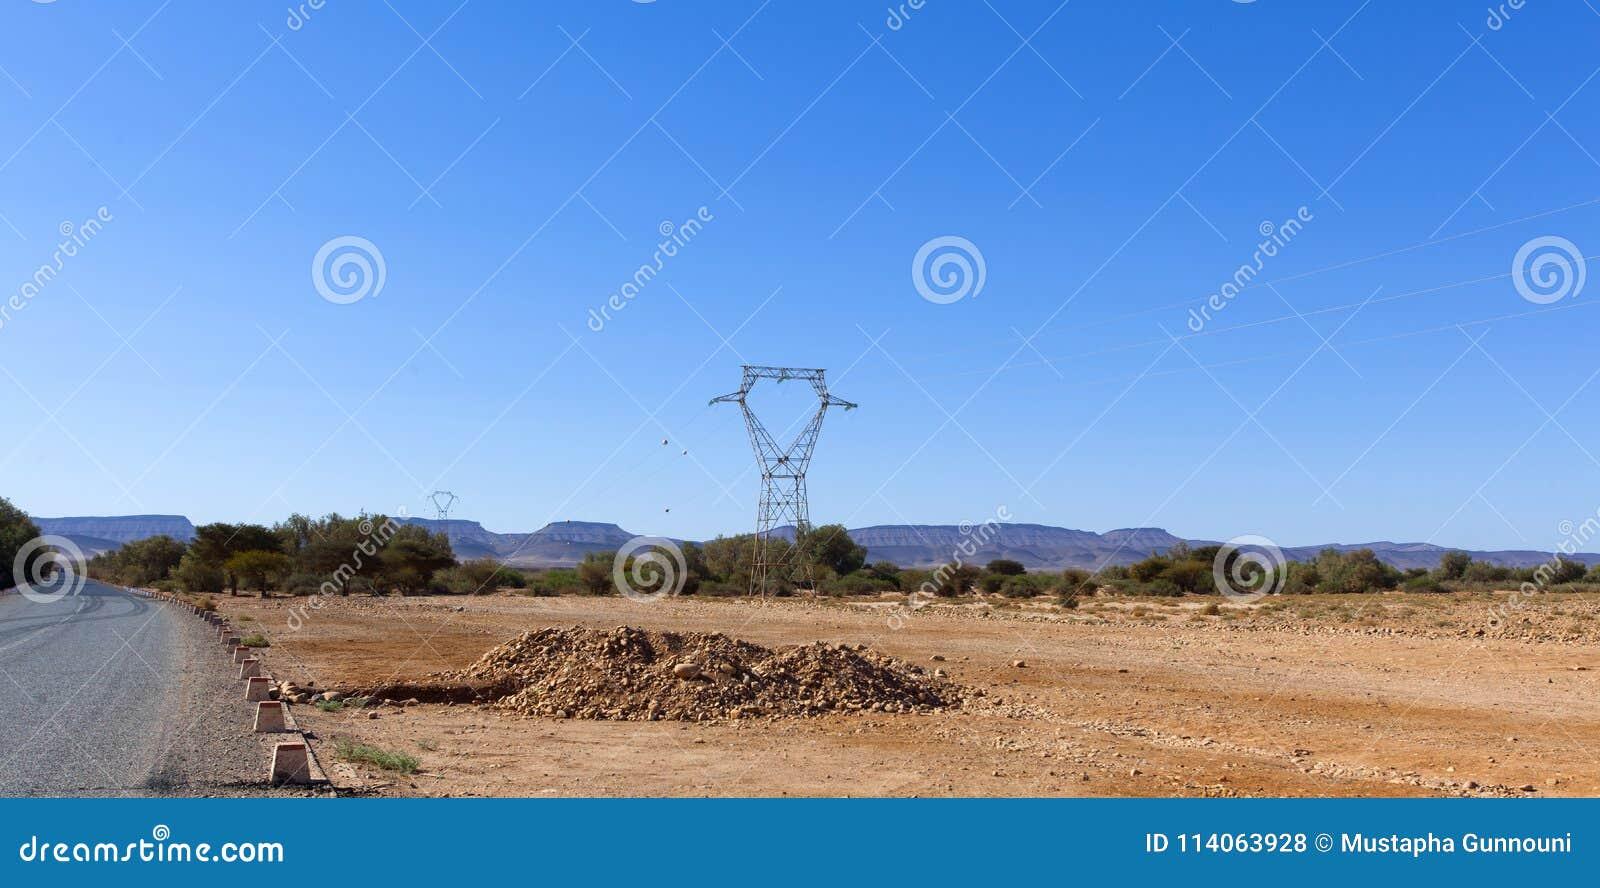 Rocky desert, scenic desert landscape in Morocco,